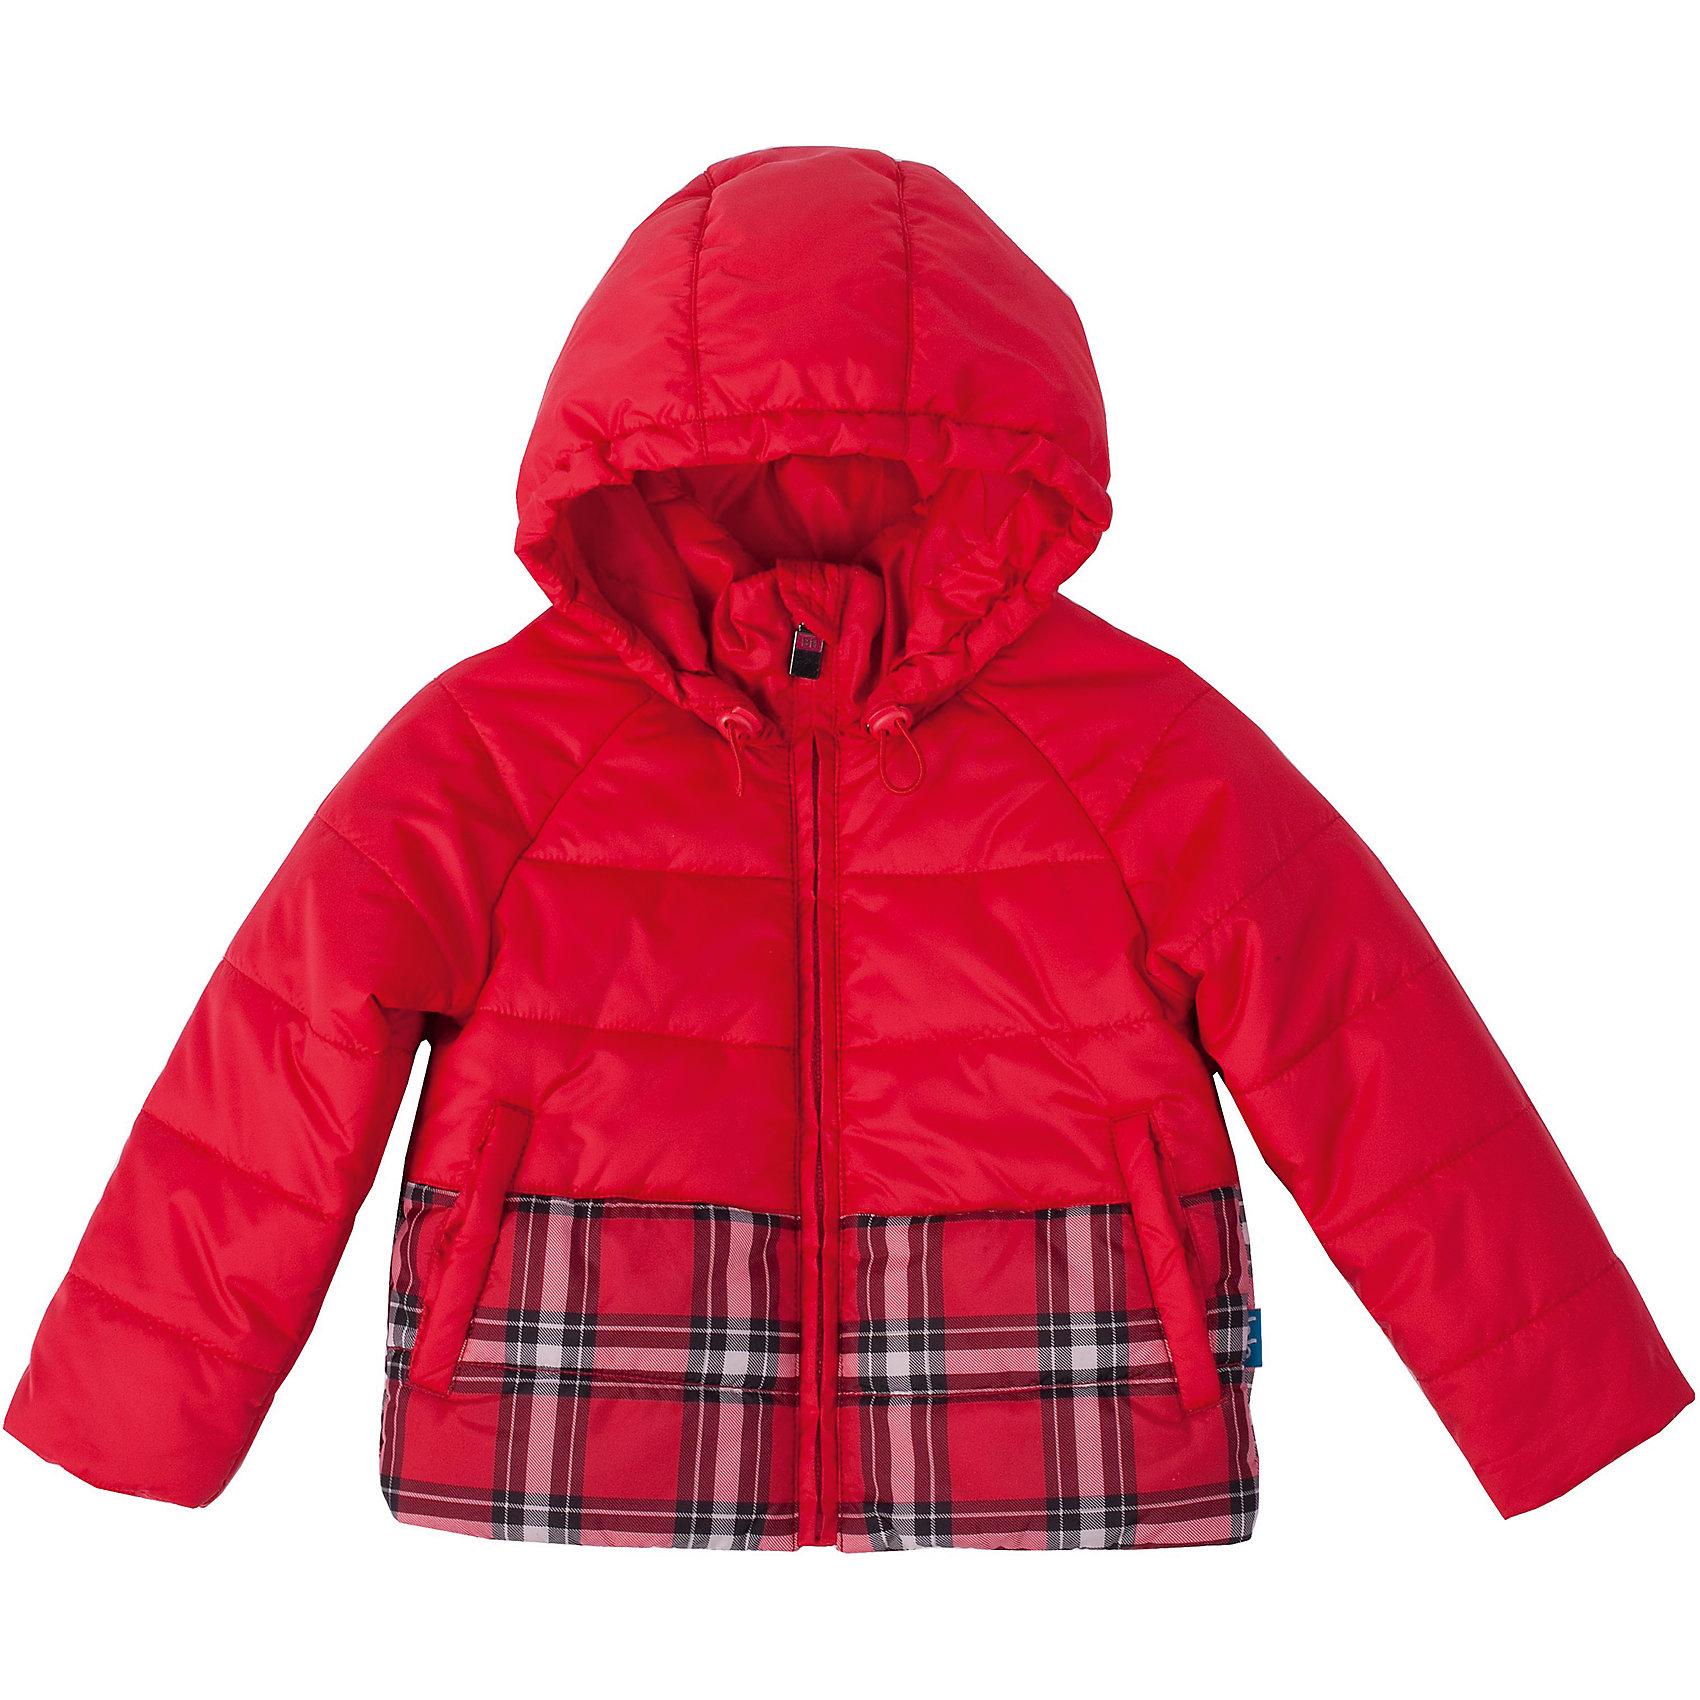 Куртка для девочки Button BlueКрасивая яркая куртка на осень - залог хорошего настроения в ненастный день! Эффектный контраст однотонной и клетчатой плащевки делает модель оригинальной и запоминающейся. Капюшон куртки имеет утяжку от продувания!<br>Состав:<br>тк. верха:                        100%полиэстер,                           подкл.:   80%хлопок 20%полиэстер/                               утепл.:  100%полиэстер<br><br>Ширина мм: 356<br>Глубина мм: 10<br>Высота мм: 245<br>Вес г: 519<br>Цвет: красный<br>Возраст от месяцев: 84<br>Возраст до месяцев: 96<br>Пол: Женский<br>Возраст: Детский<br>Размер: 128,110,116,146,122,152,140,134,98,104<br>SKU: 4227072